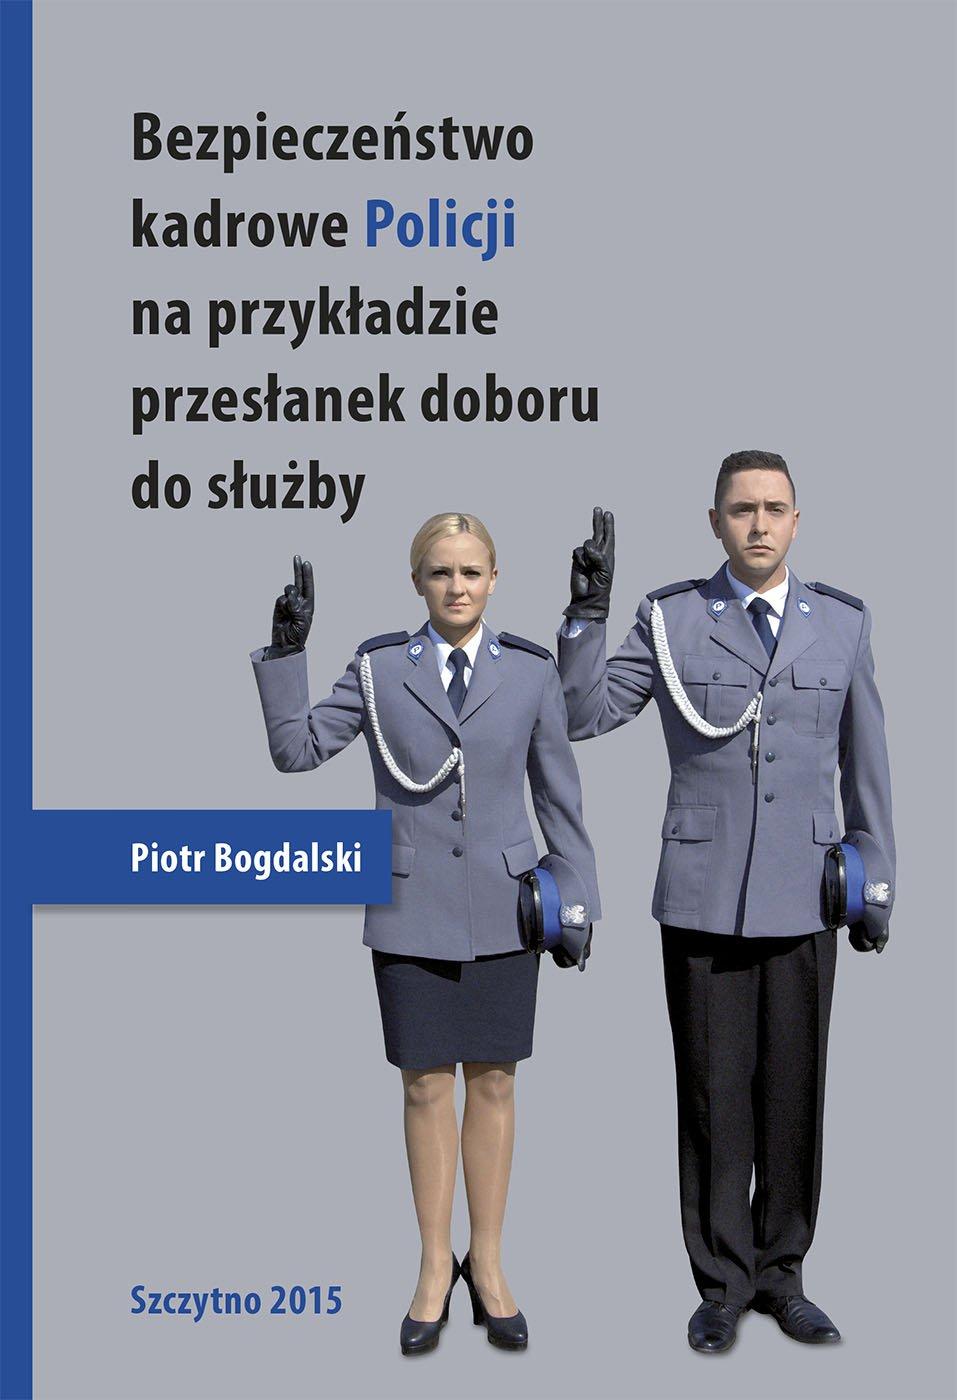 Bezpieczeństwo kadrowe Policji na przykładzie przesłanek doboru do służby - Ebook (Książka PDF) do pobrania w formacie PDF